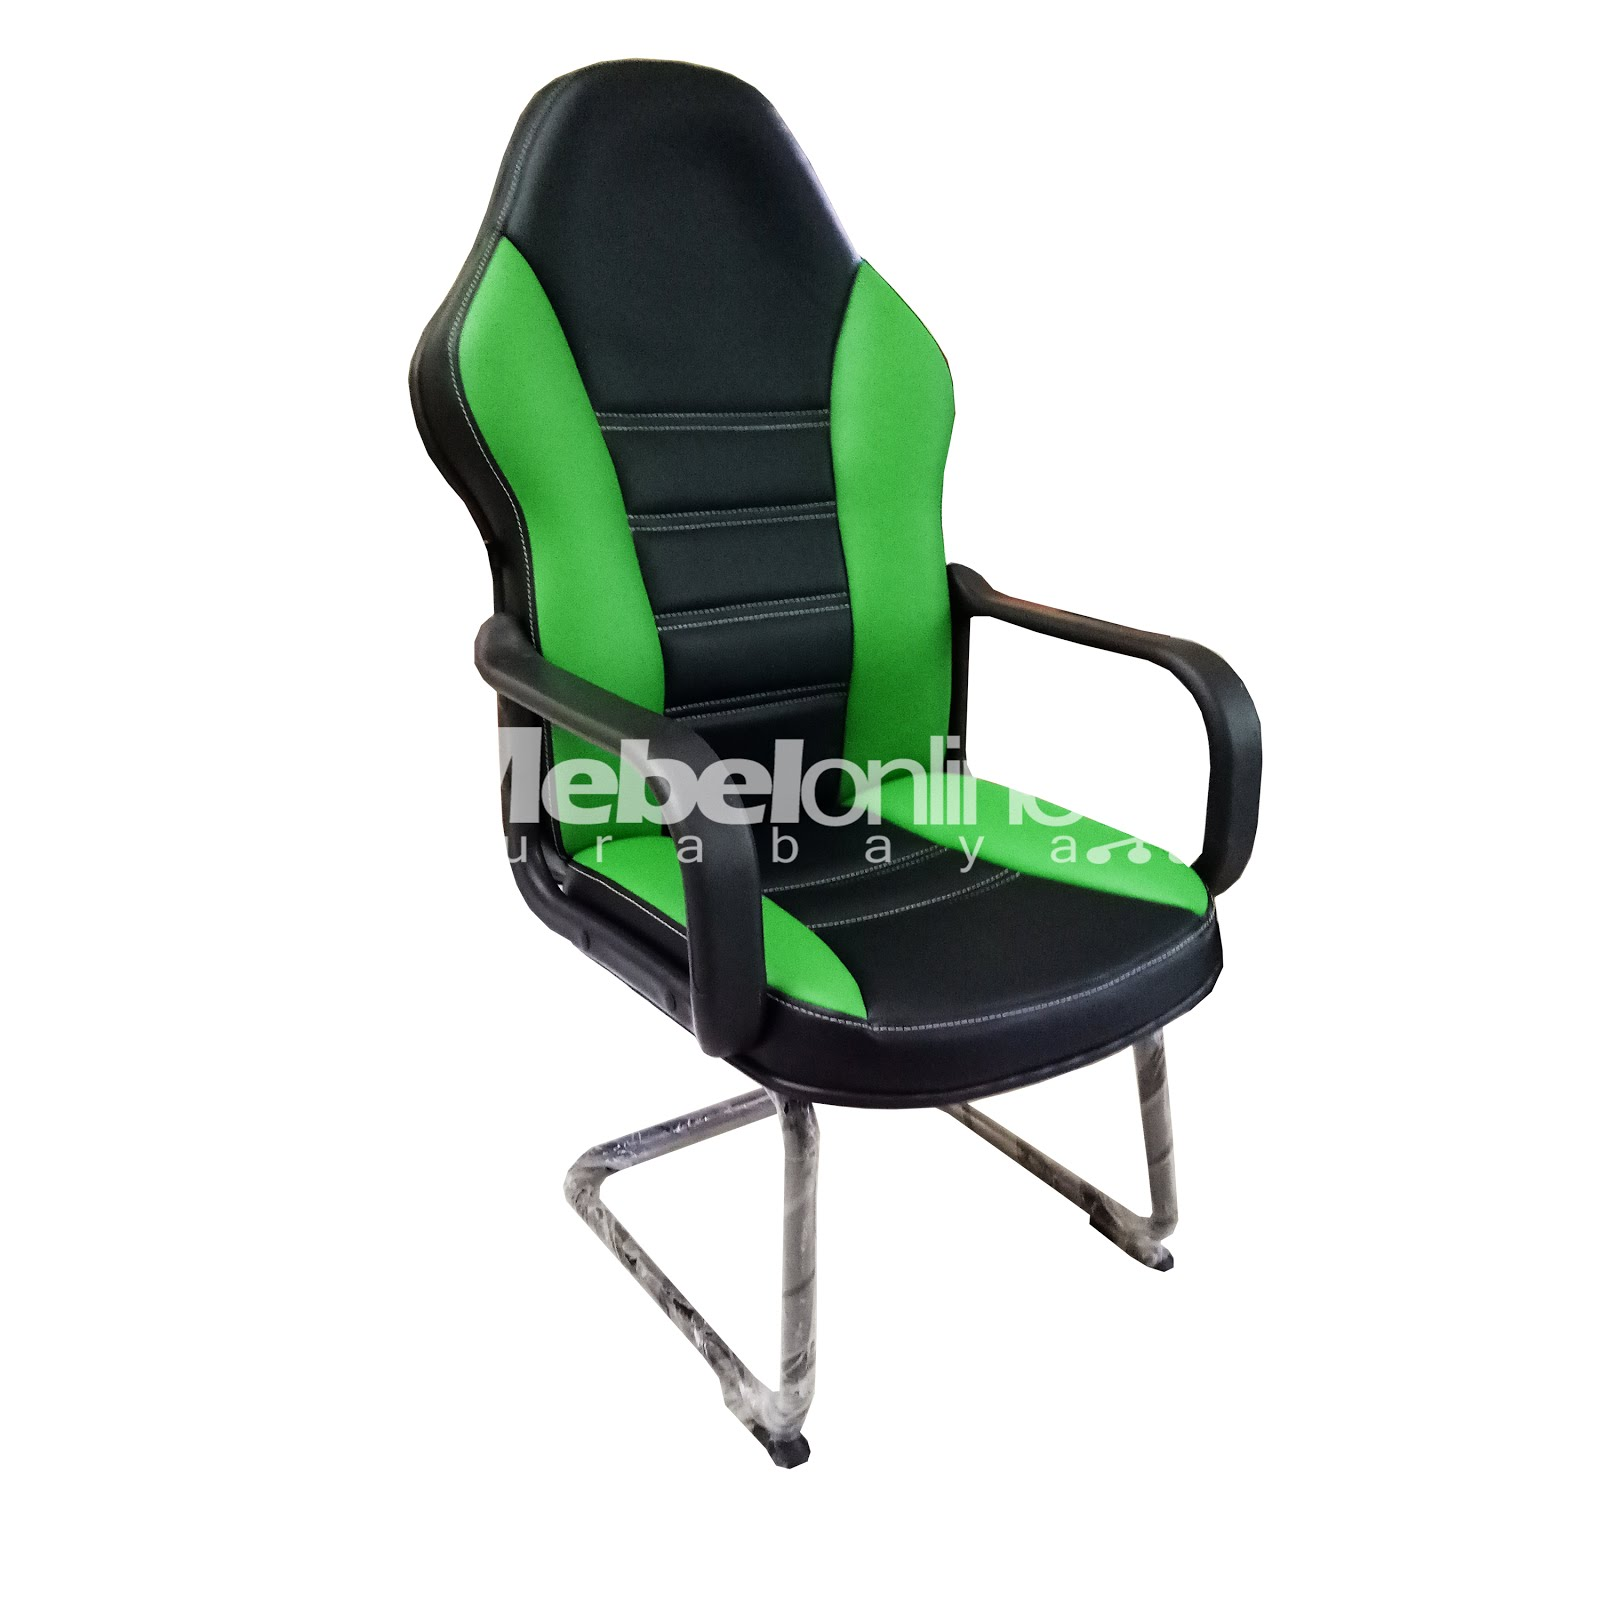 Kursi Game Gaming Chair Kg 3999 Red Daftar Harga Terkini Dan Dxracer Formula Series Ohfl08np Black Purle 5 24